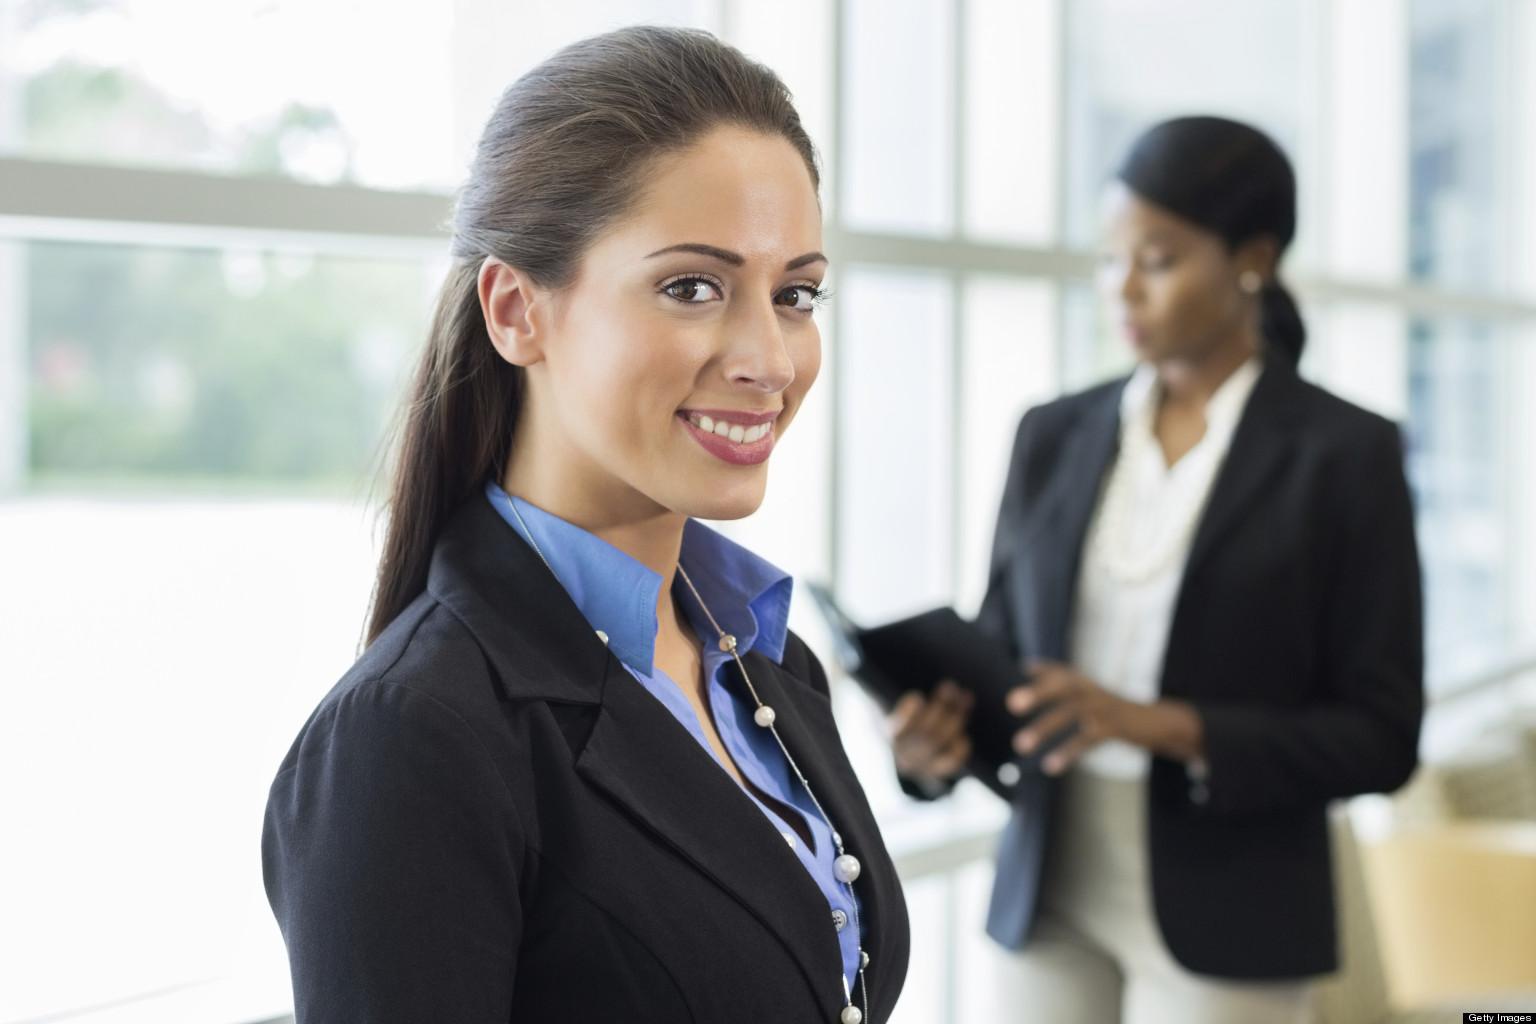 Θέσεις εργασίας για Εκπαιδευτές στο Υπουργείο Παιδείας & Απασχόλησης